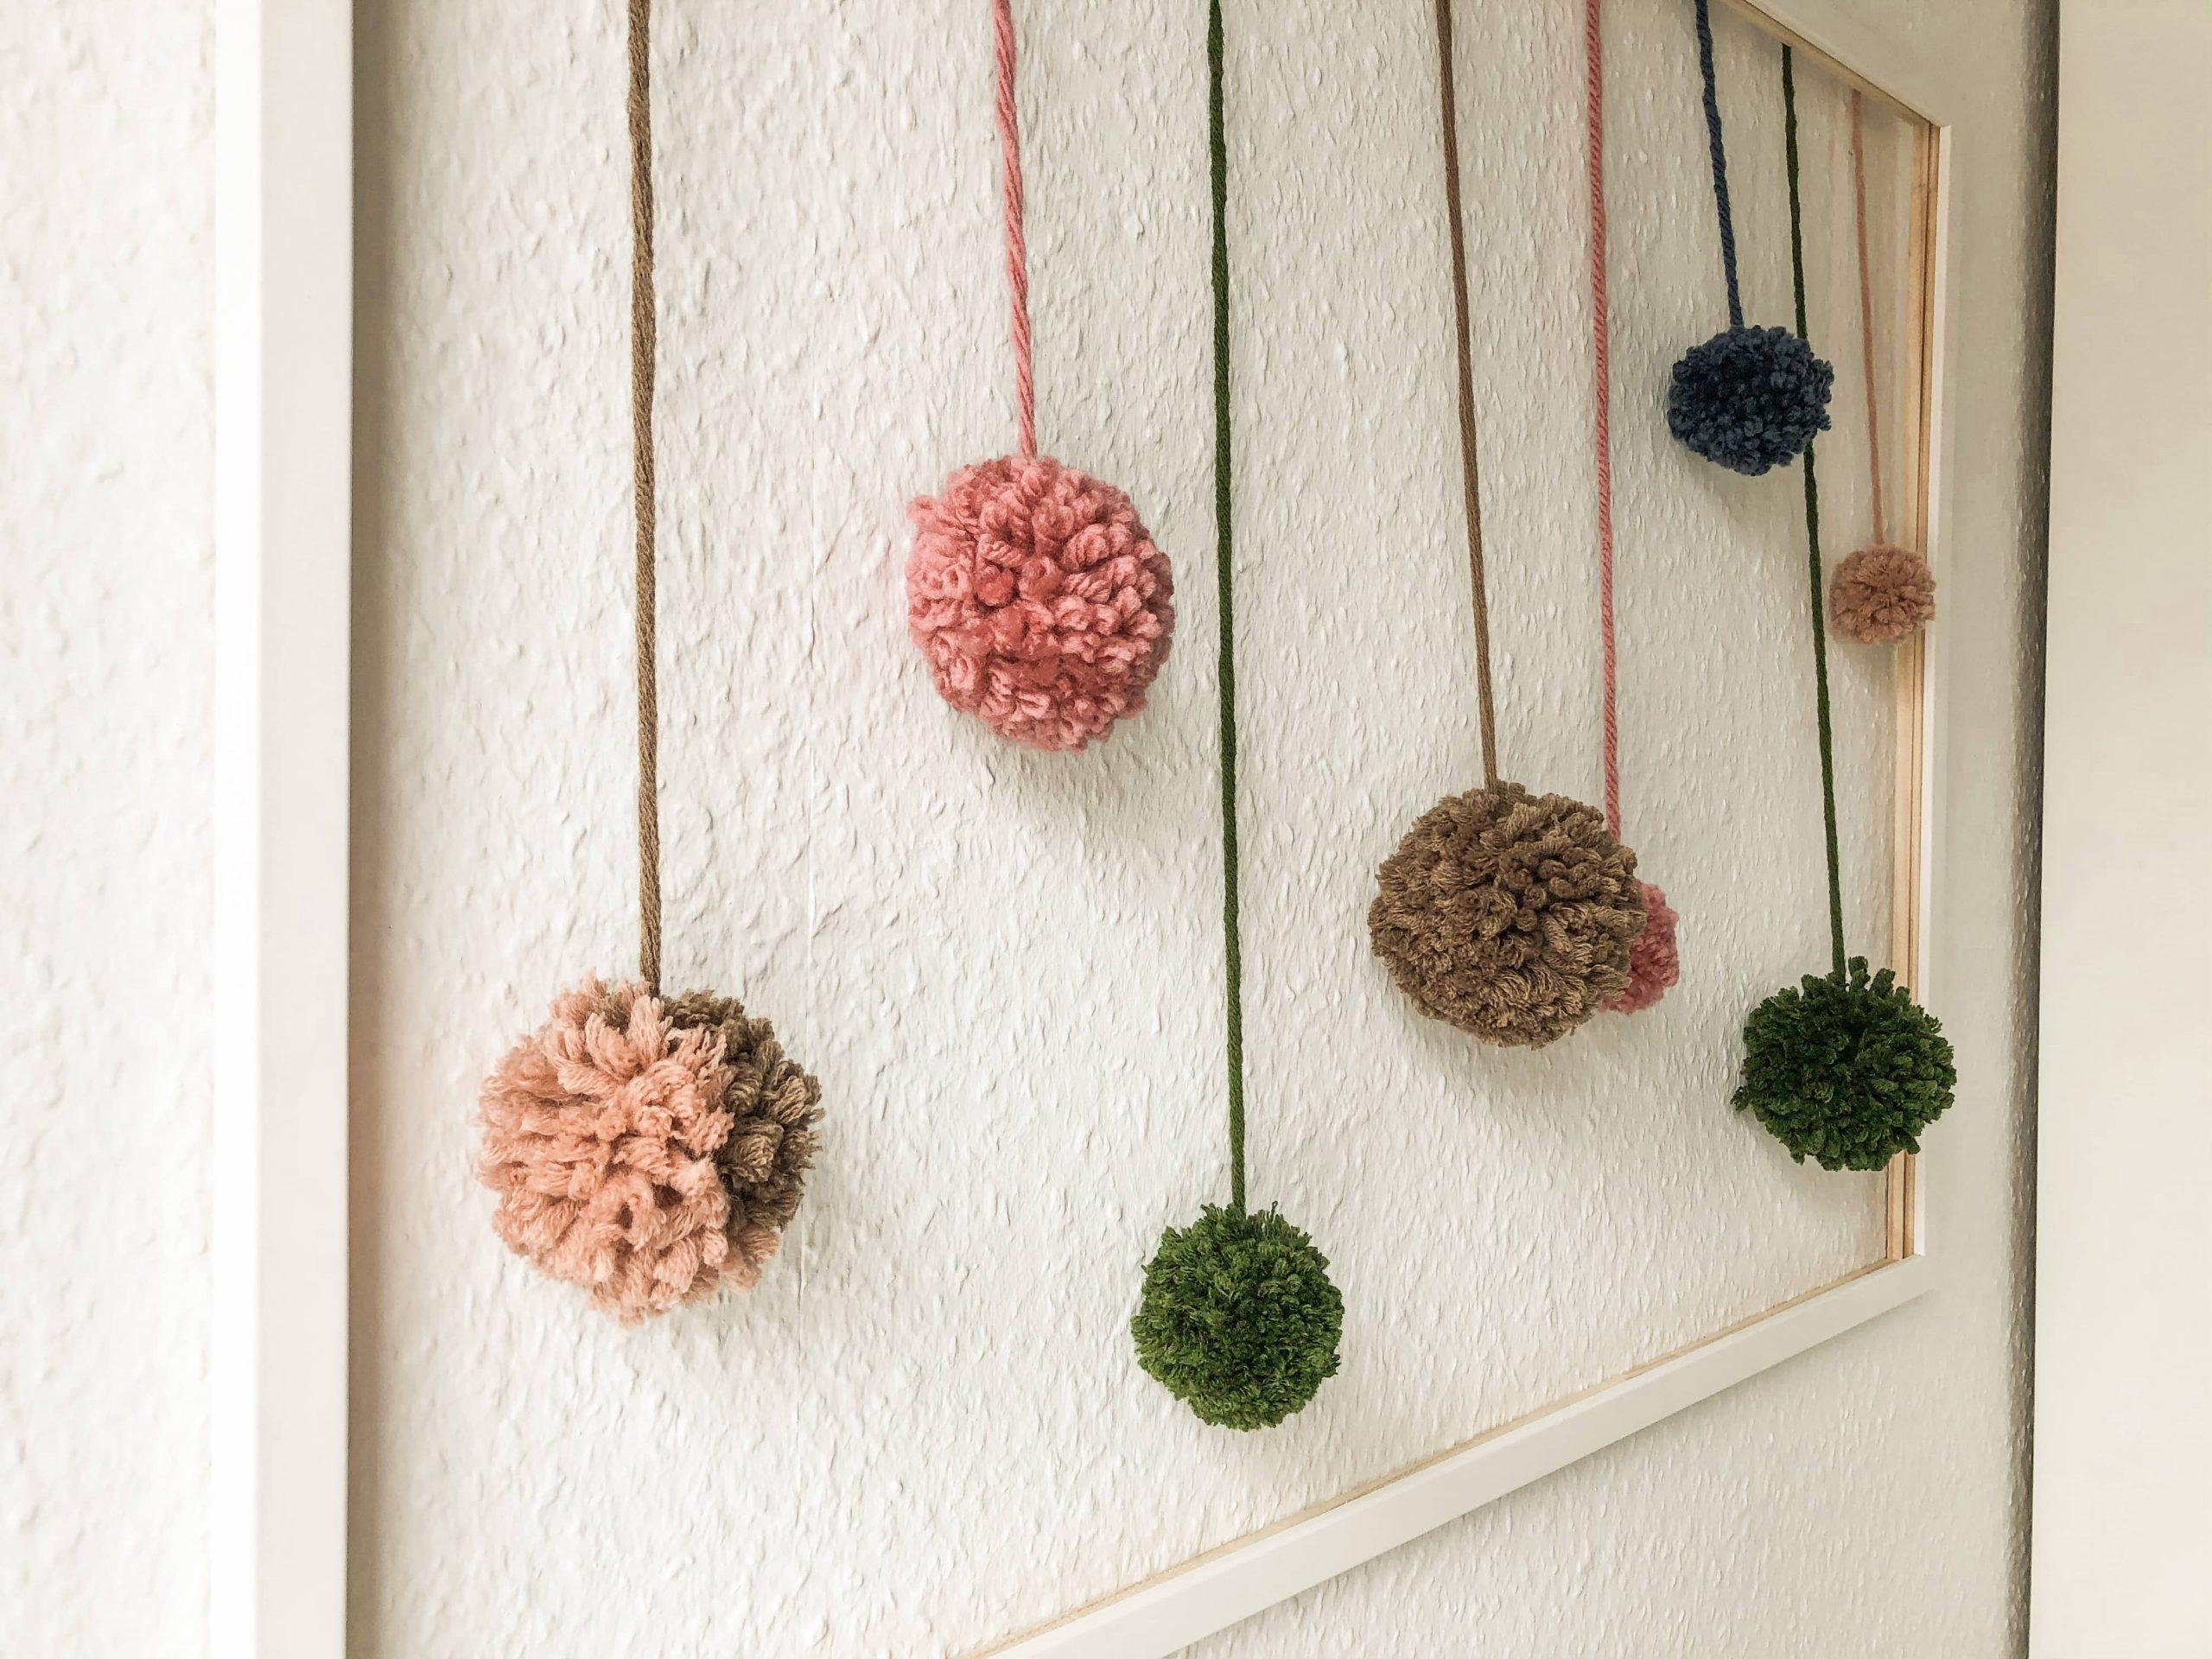 Bommelbild selber machen mit DIY Bommeln